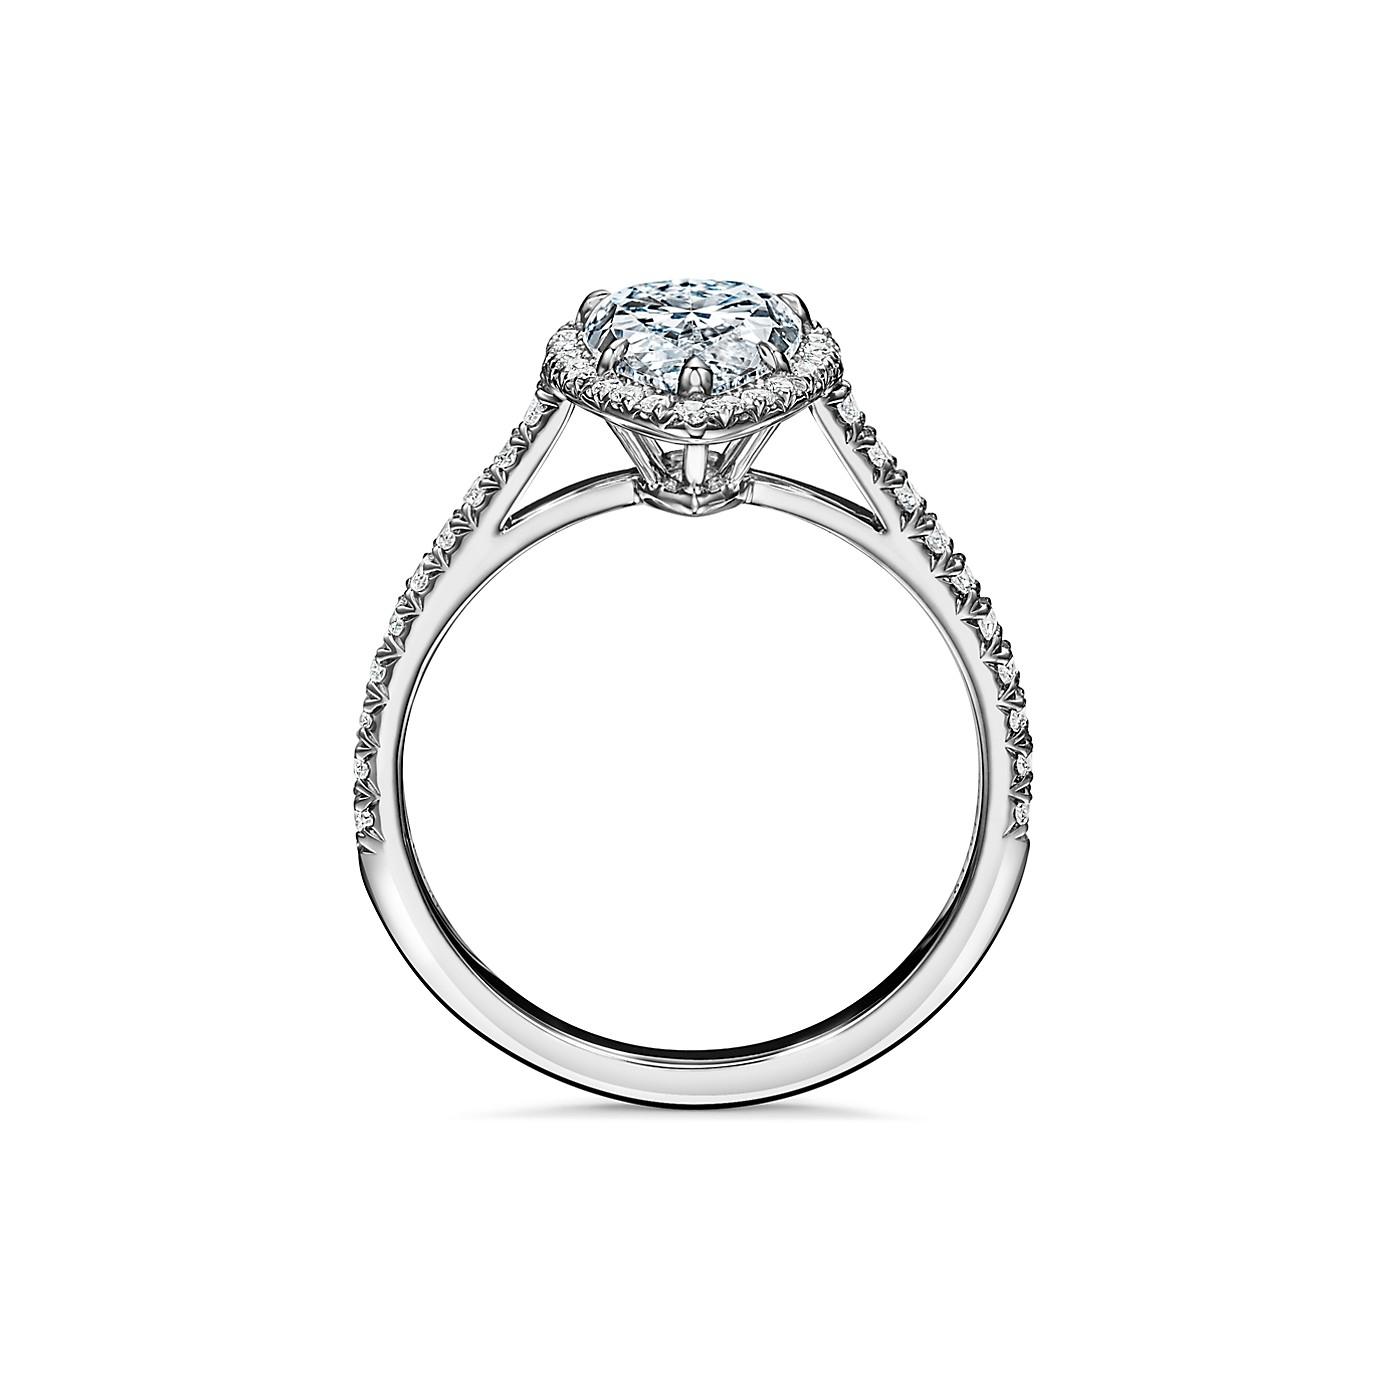 ティファニー ソレスト ペアシェイプ ダイヤモンド エンゲージメント リング(2)―Tiffany & Co.(ティファニー)